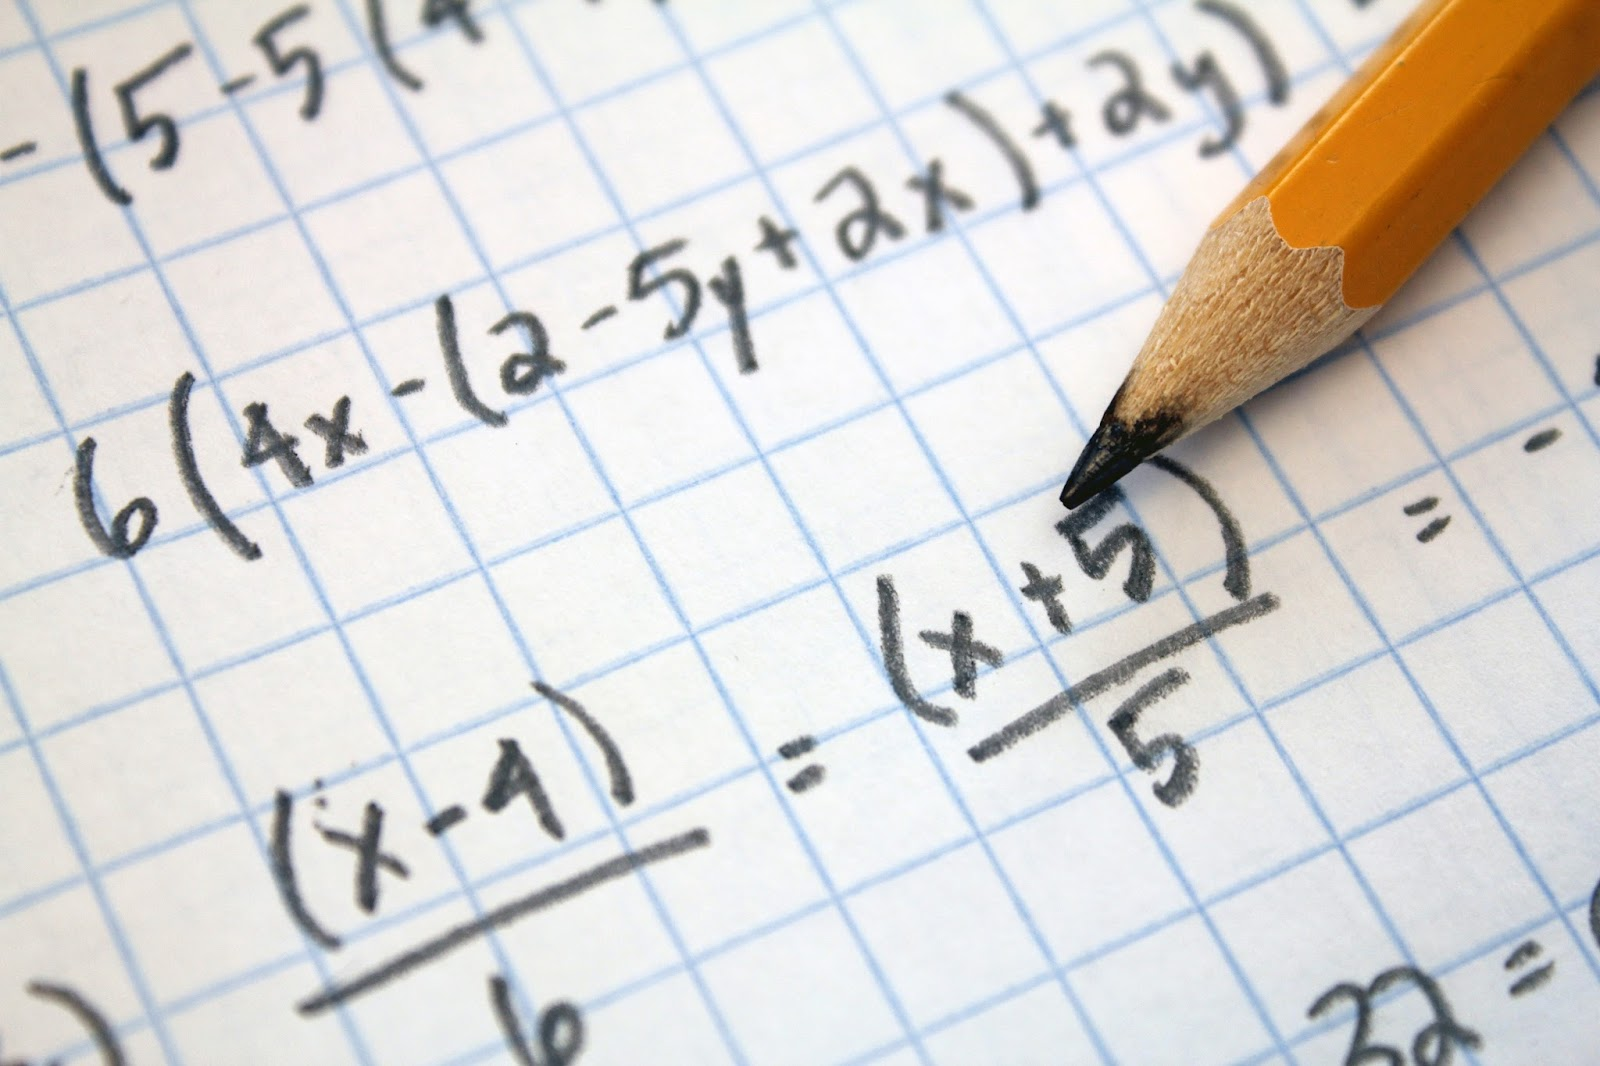 Οδηγίες διδασκαλίας Μαθηματικών ΓΕ.Λ. 2021-2022